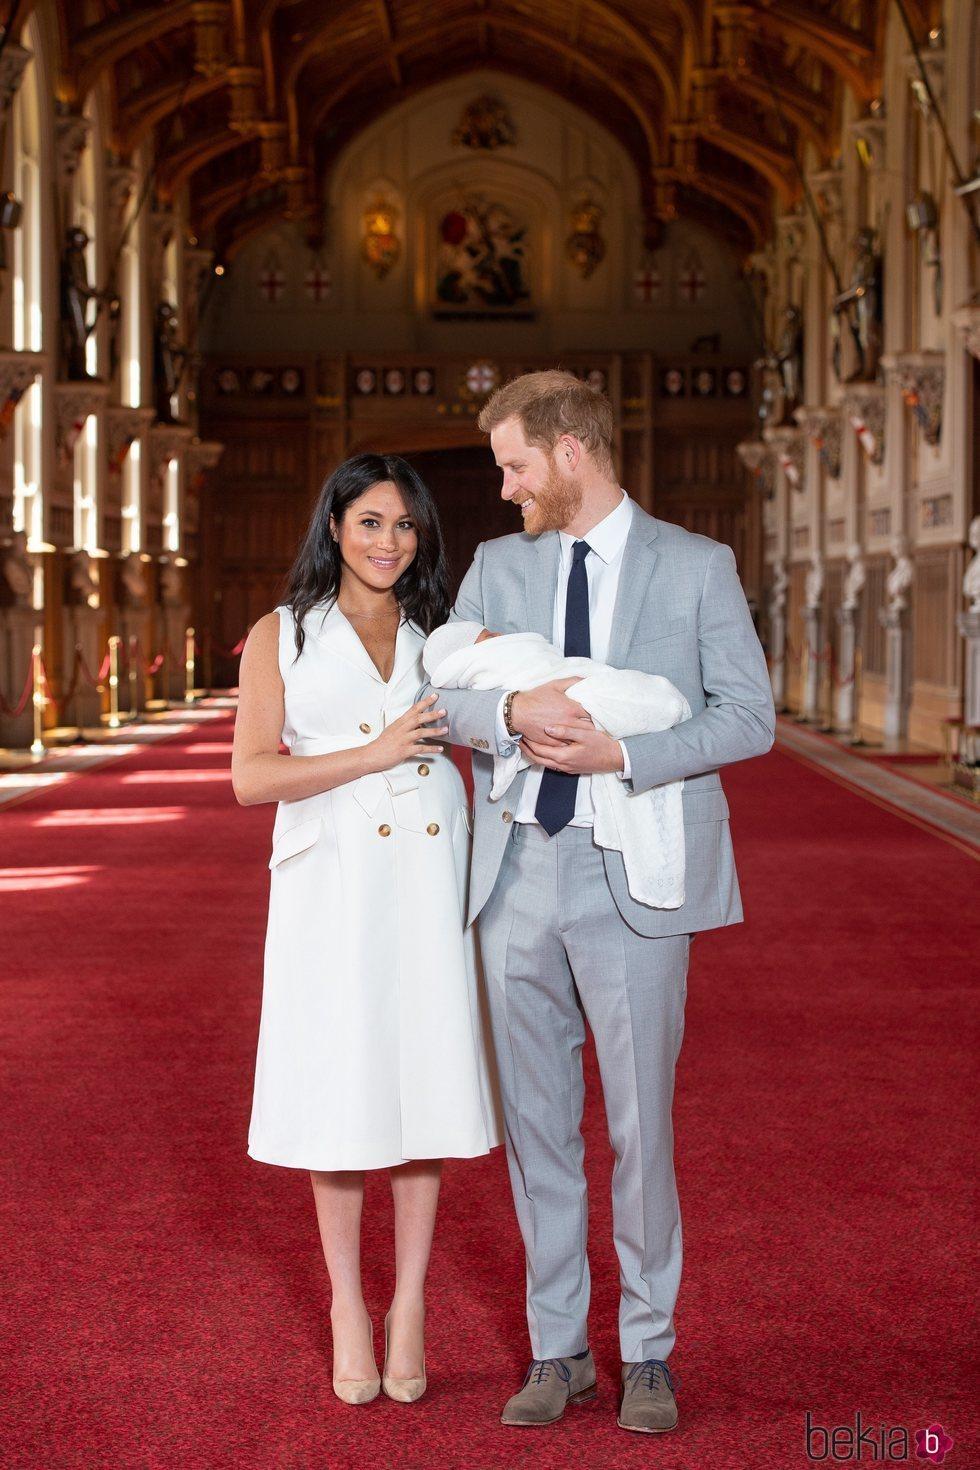 El Príncipe Harry mirando con ternura a Meghan Markle en su primera foto junto a su hijo Archie Harrison